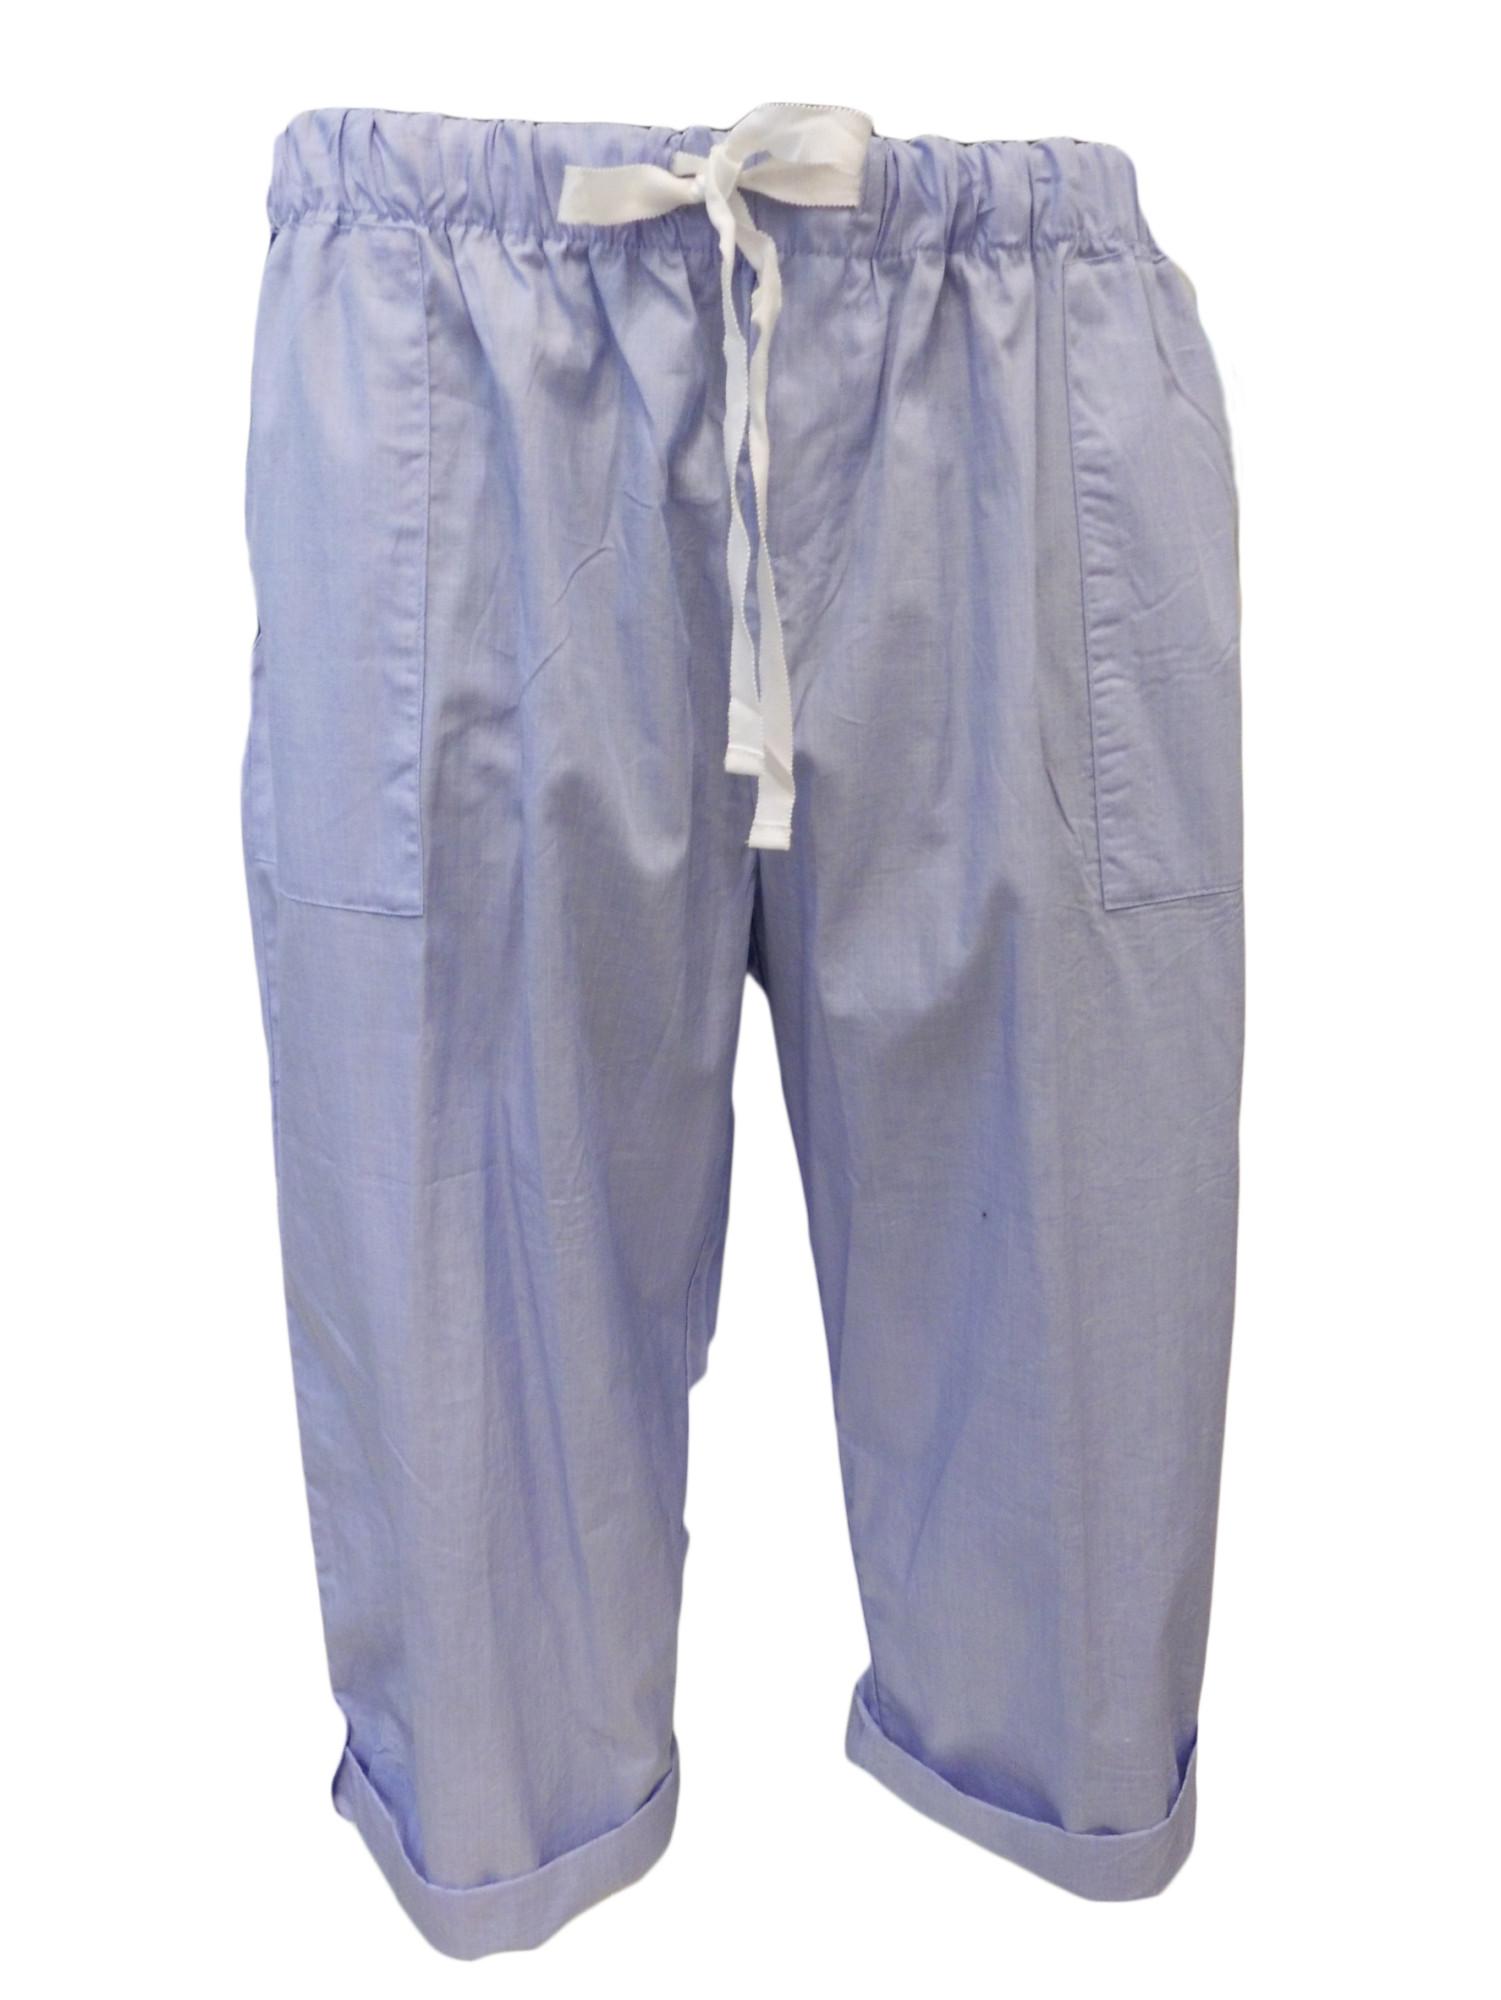 Dámské 3/4 kalhoty YI2813060 - DKNY - Modrá/L